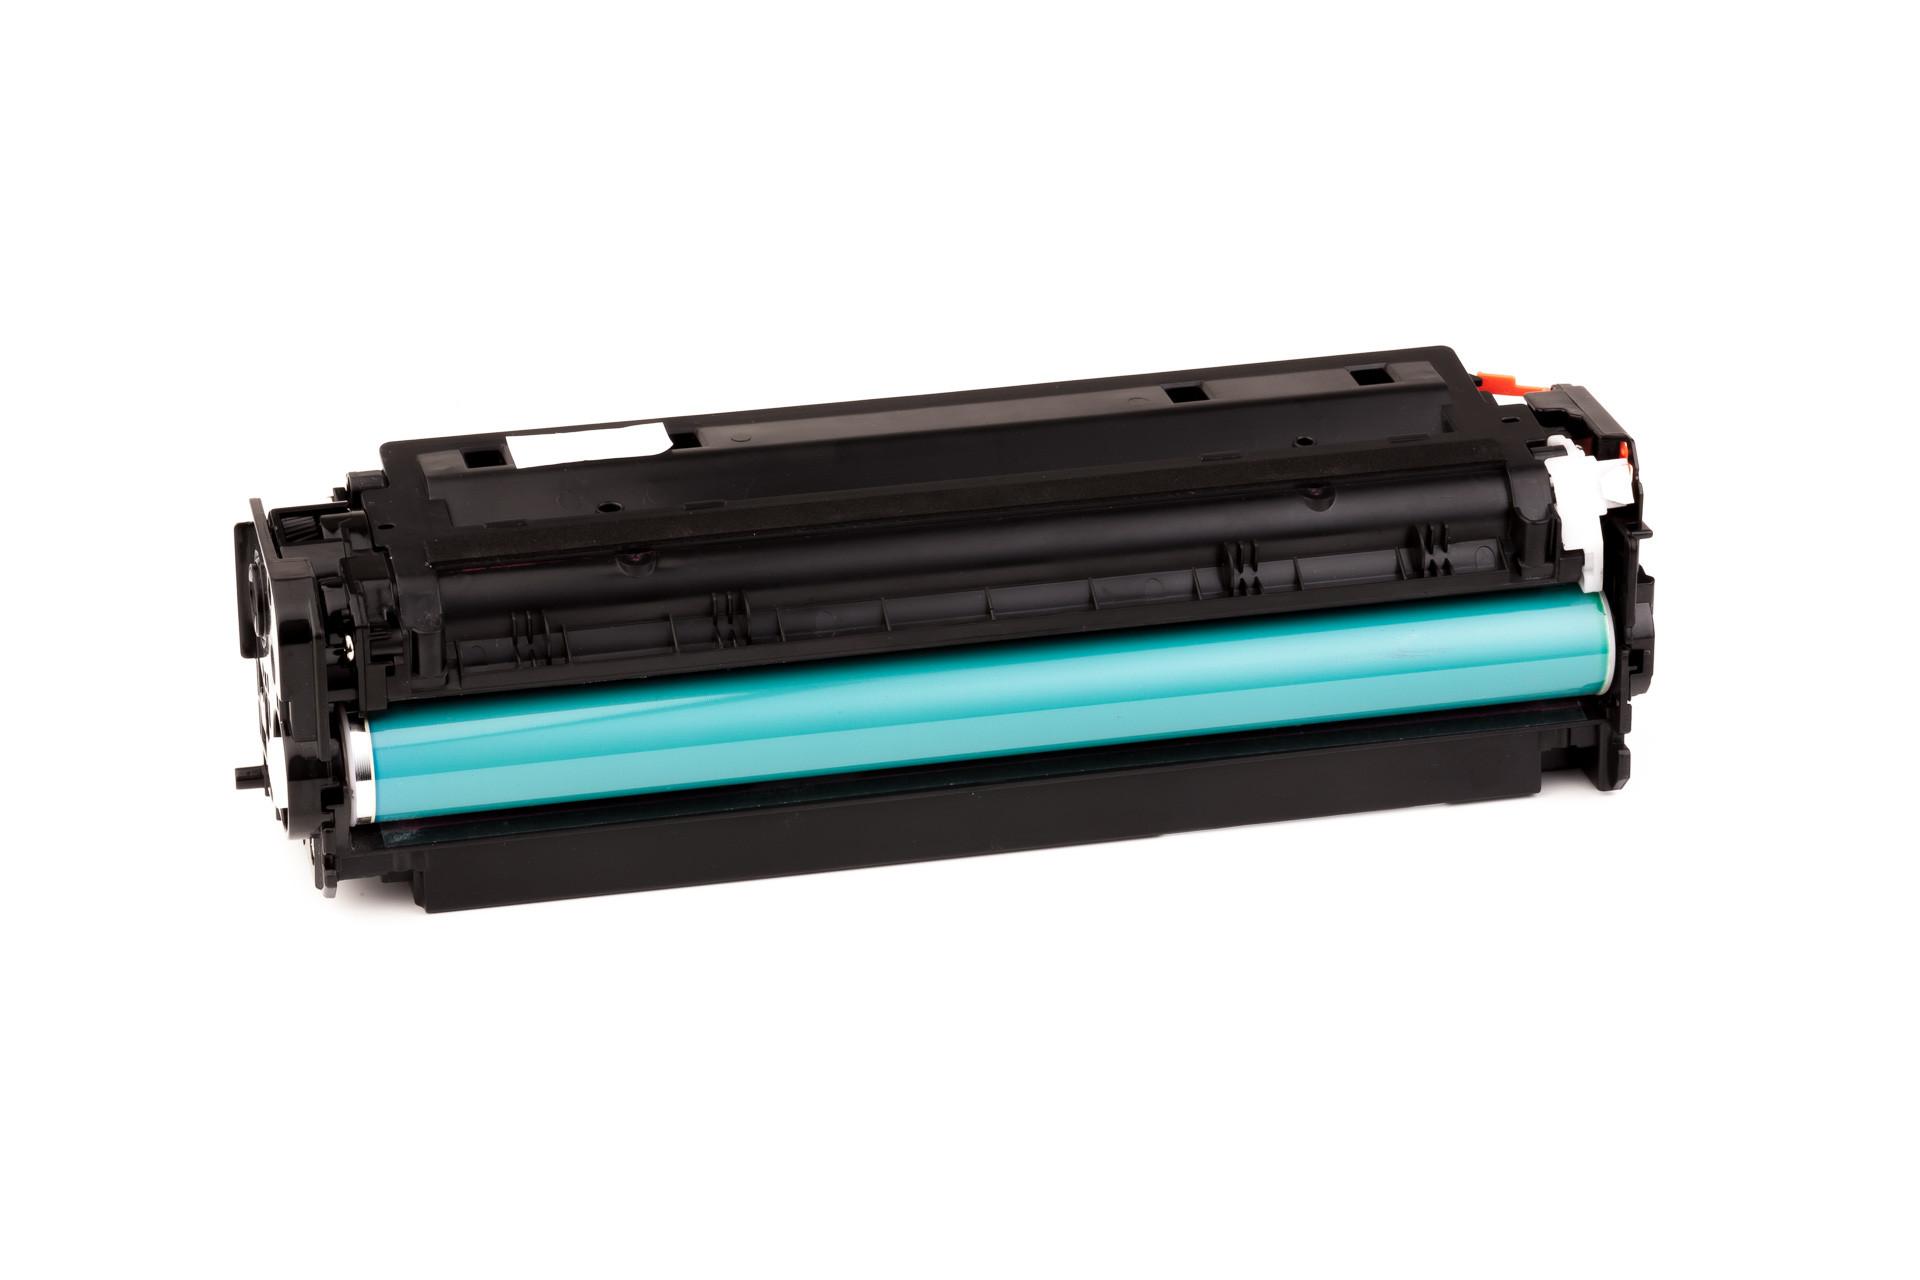 Cartucho de toner (alternativo) compatible a HP - CE 413 A // CE413A - Laserjet PRO 300 Color M 351 A / Laserjet PRO 300 Color MFP M 375 NW / Laserjet PRO 400 Color M 451 DN / DW / NW / Laserjet PRO 400 Color M 475 DN / DW magenta